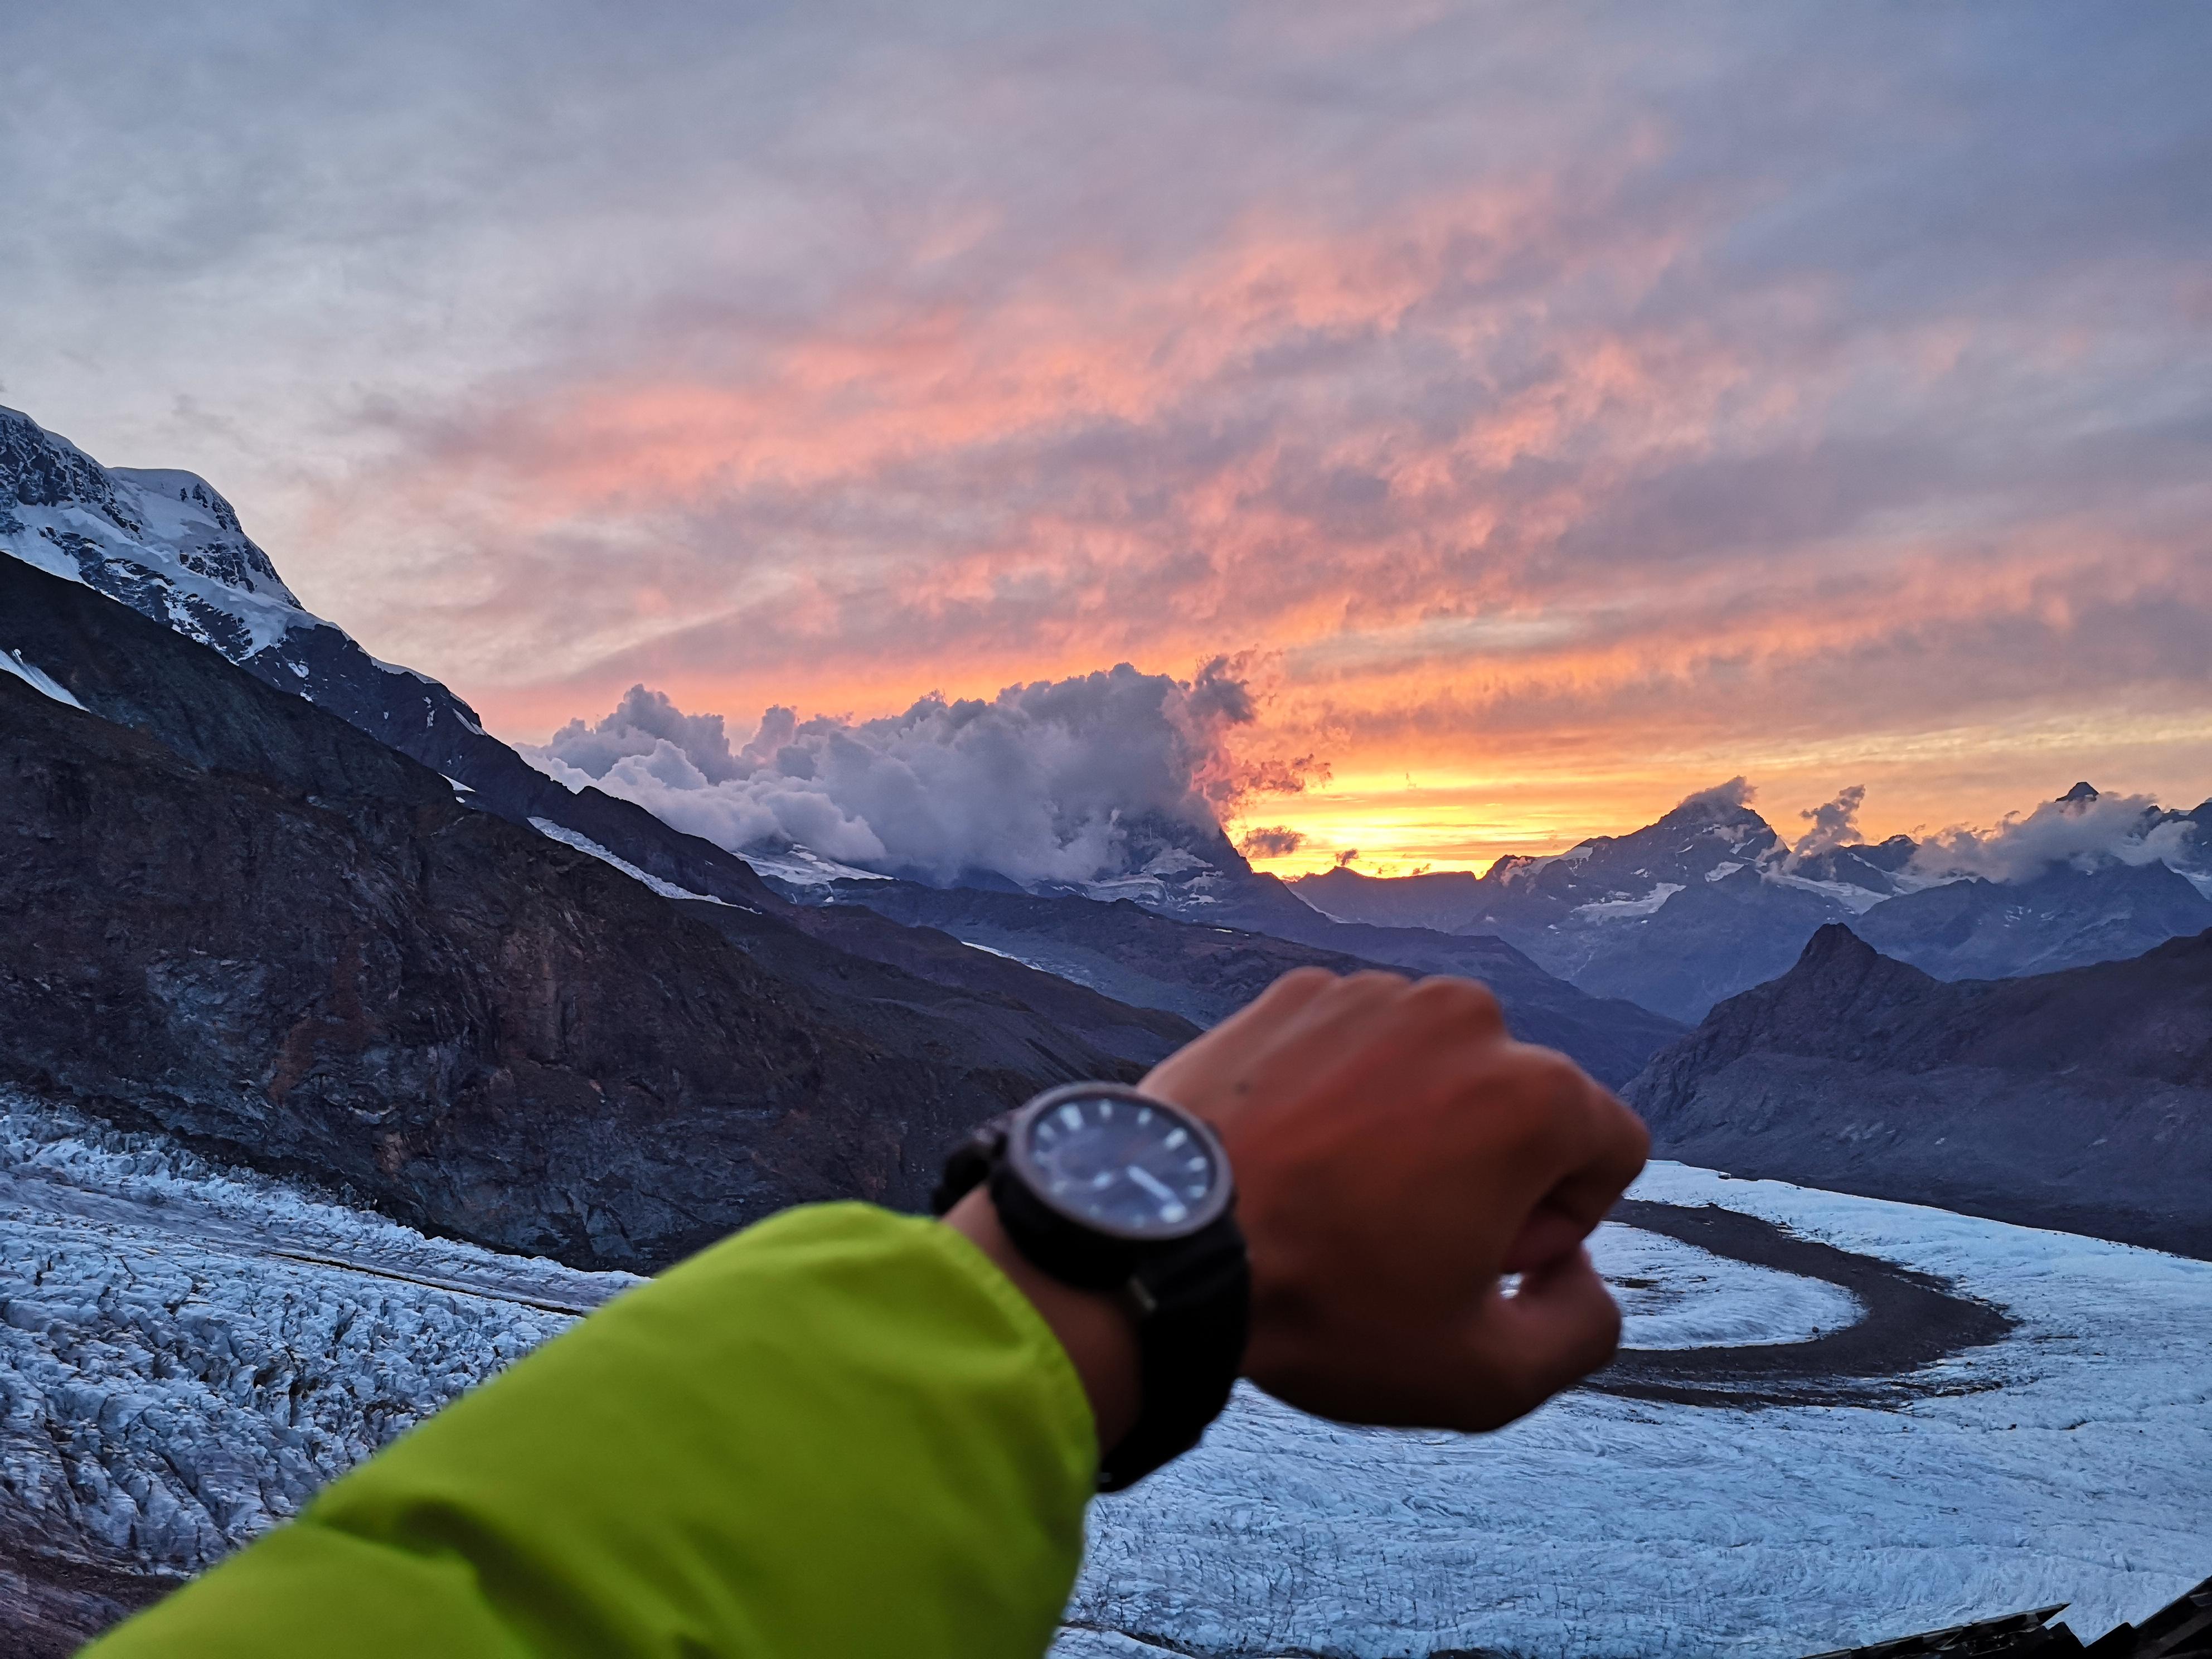 遗落在人间的天堂-瑞士 PRO TREK PRW-60Y陪我看遍世间美景